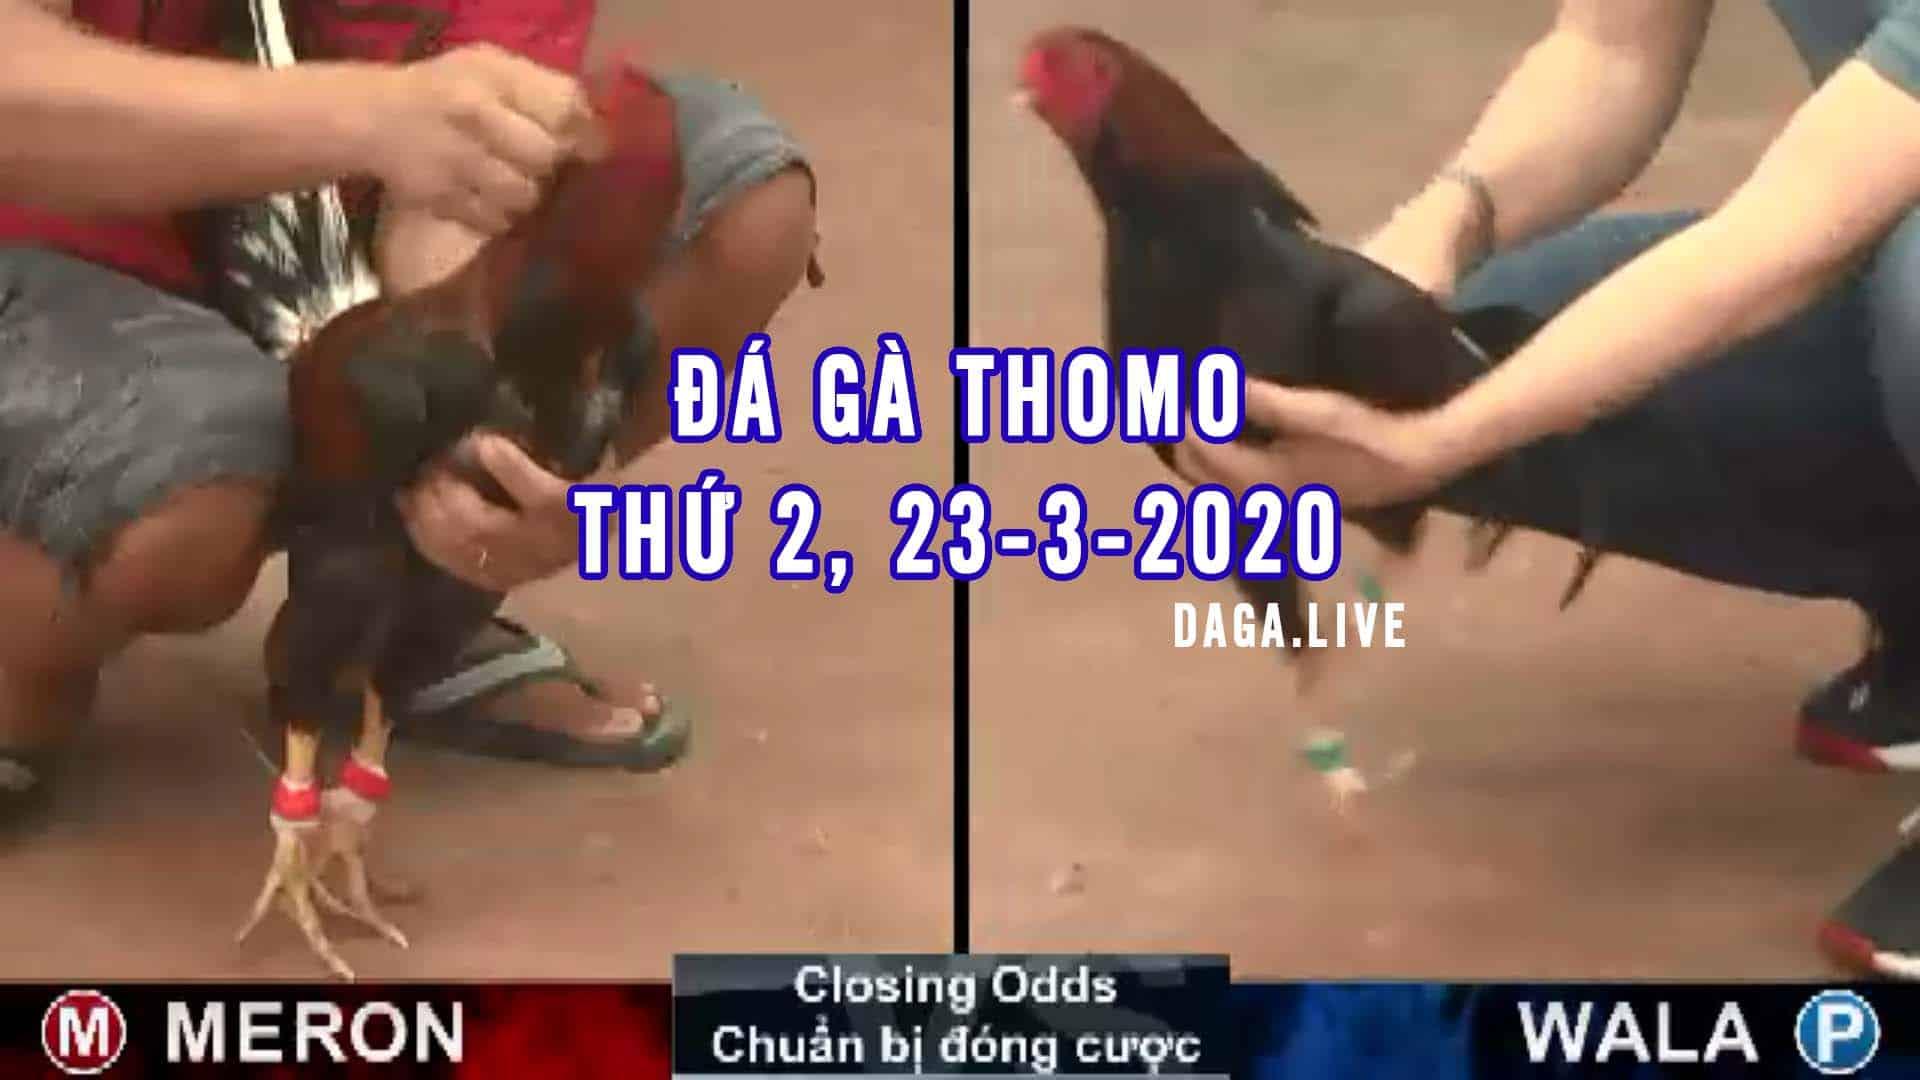 DAGA.LIVE - Đá gà thomo hôm nay, đá gà trực tiếp, đá gà cựa sắt, đá gà campuchia thứ 2 ngày 23-3-2020